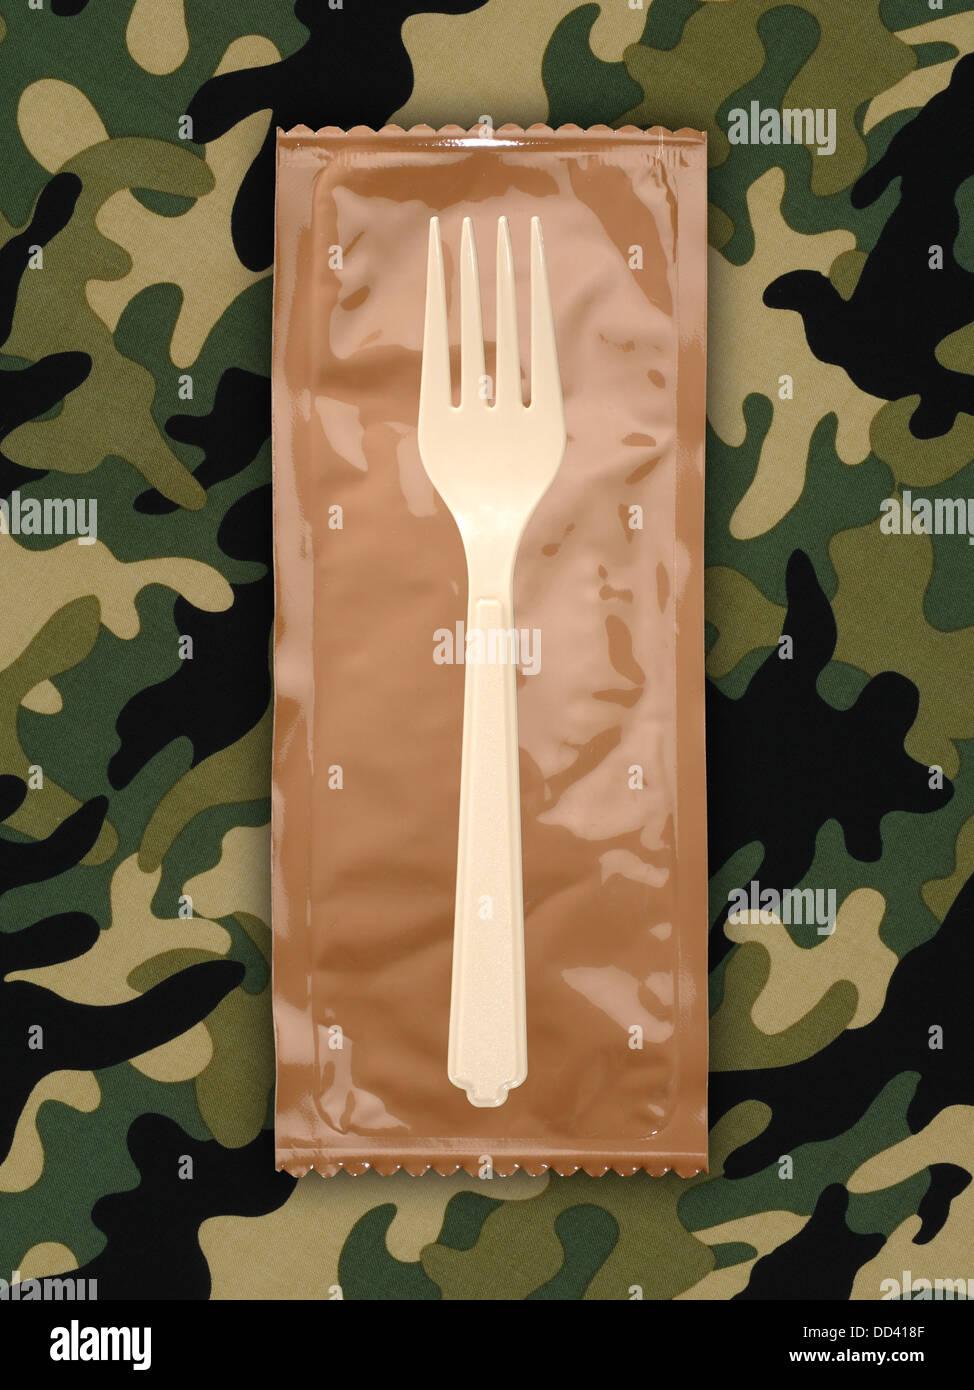 Militari razioni alimentari o pasti MRE pronto a mangiare su un sfondo camuffato. Confezioni aperte con utensili Immagini Stock